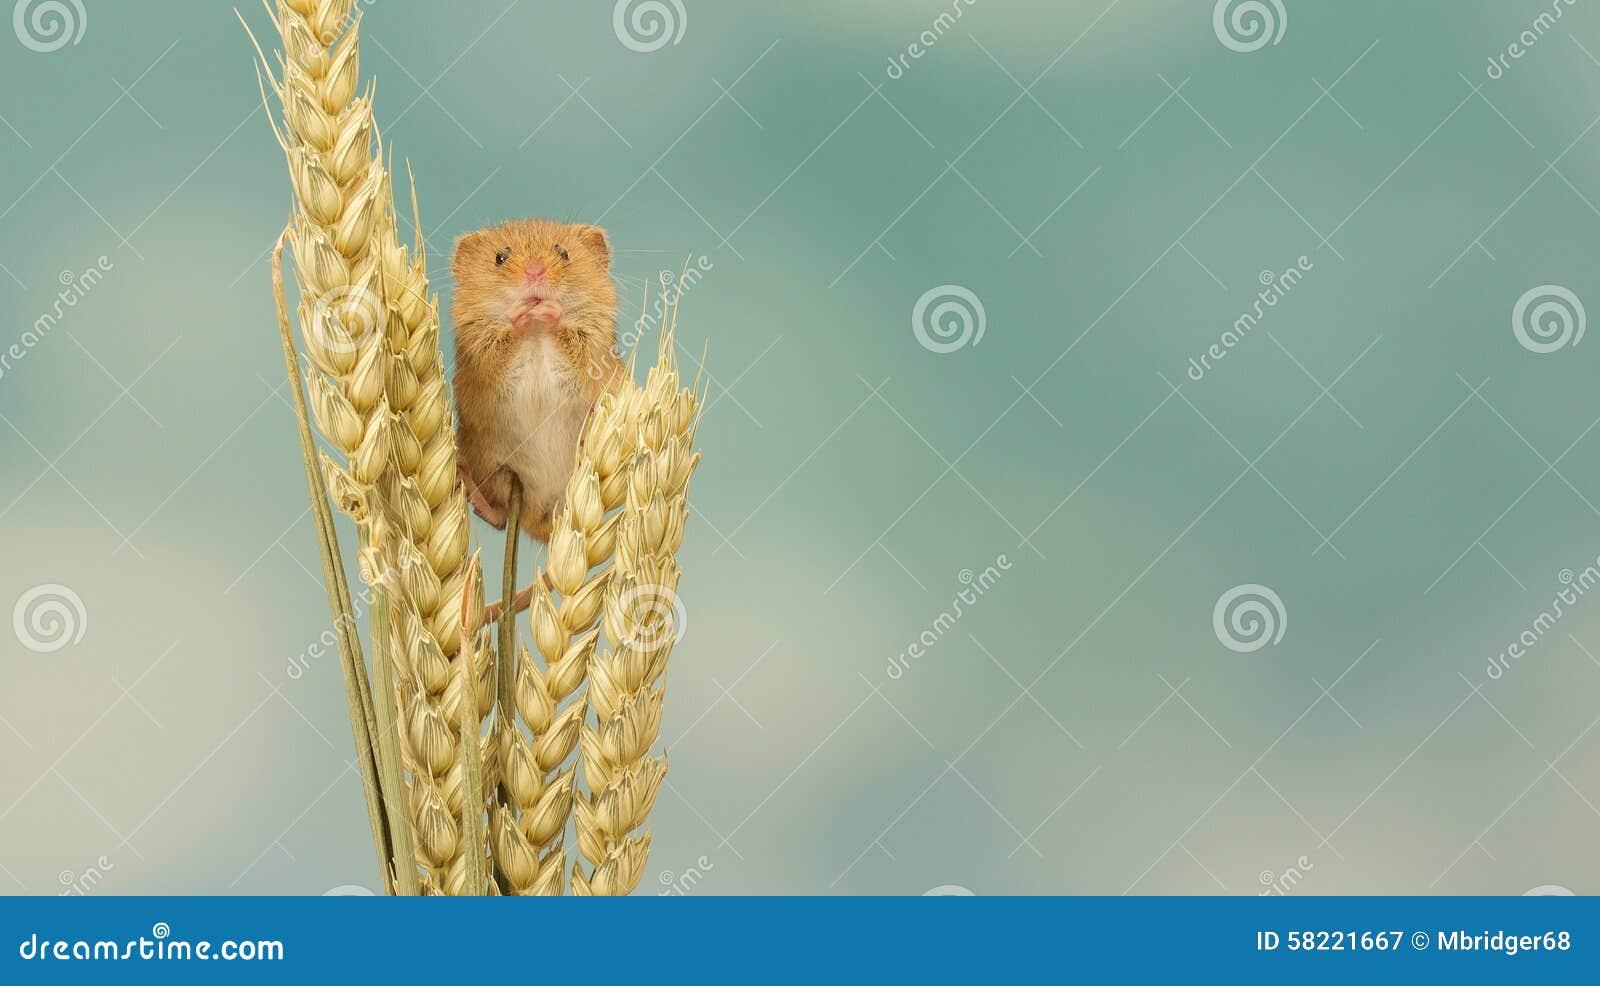 Ratón de cosecha